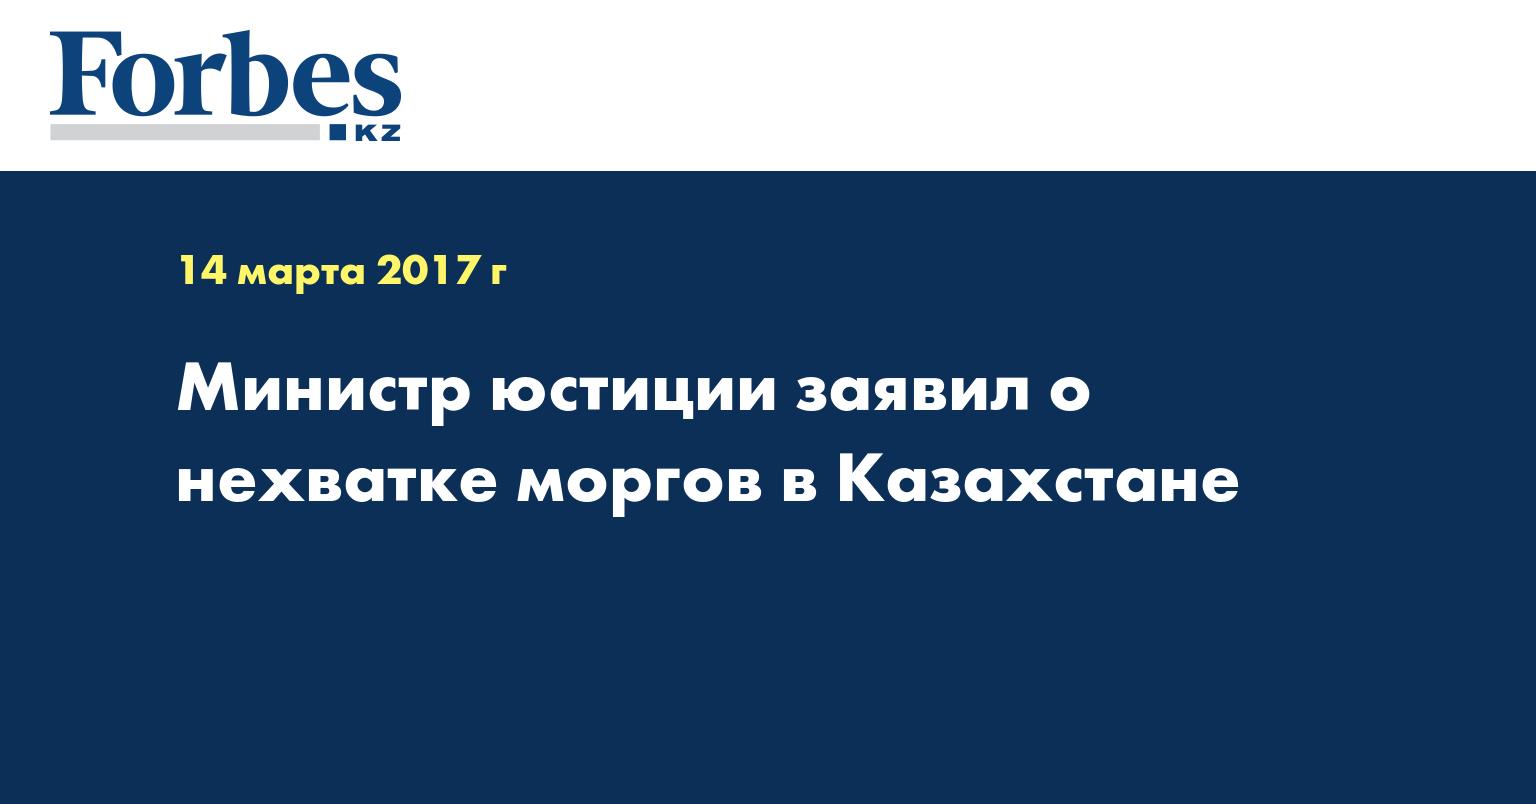 Министр юстиции заявил о нехватке моргов в Казахстане